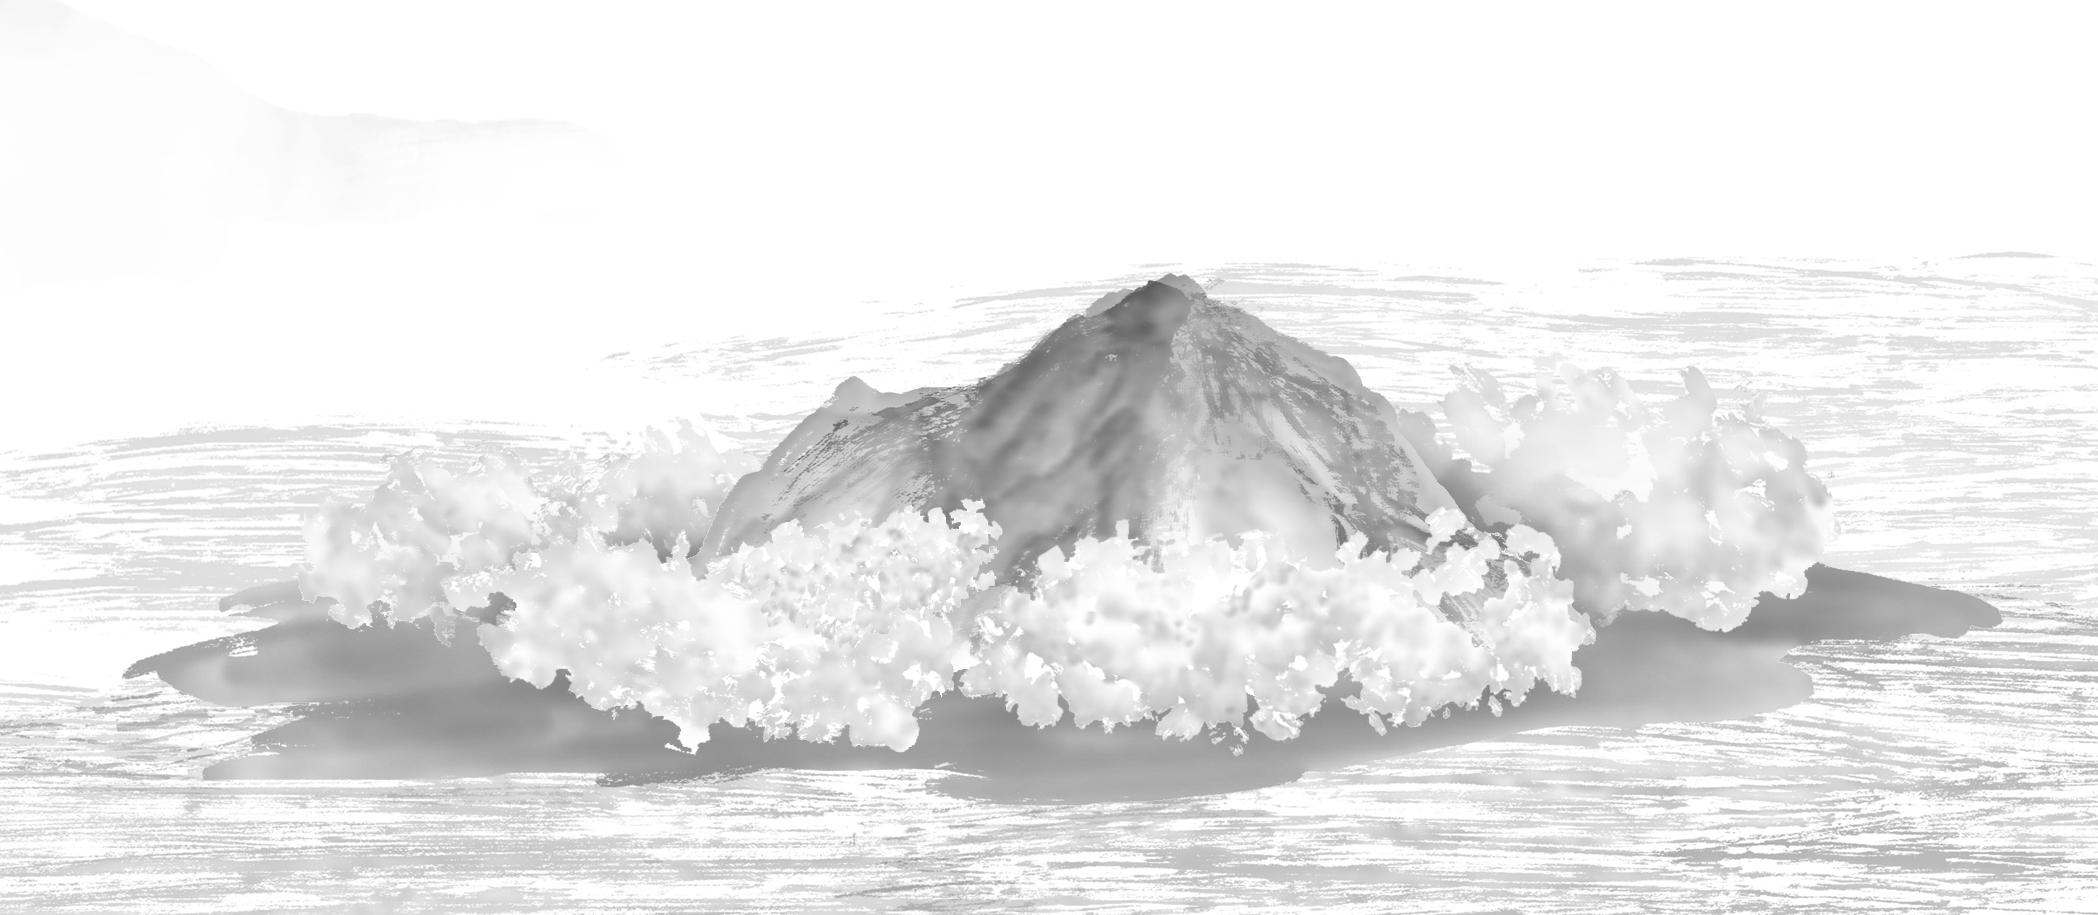 桃花島(結尾配合花瓣,呈現活潑情感片段)